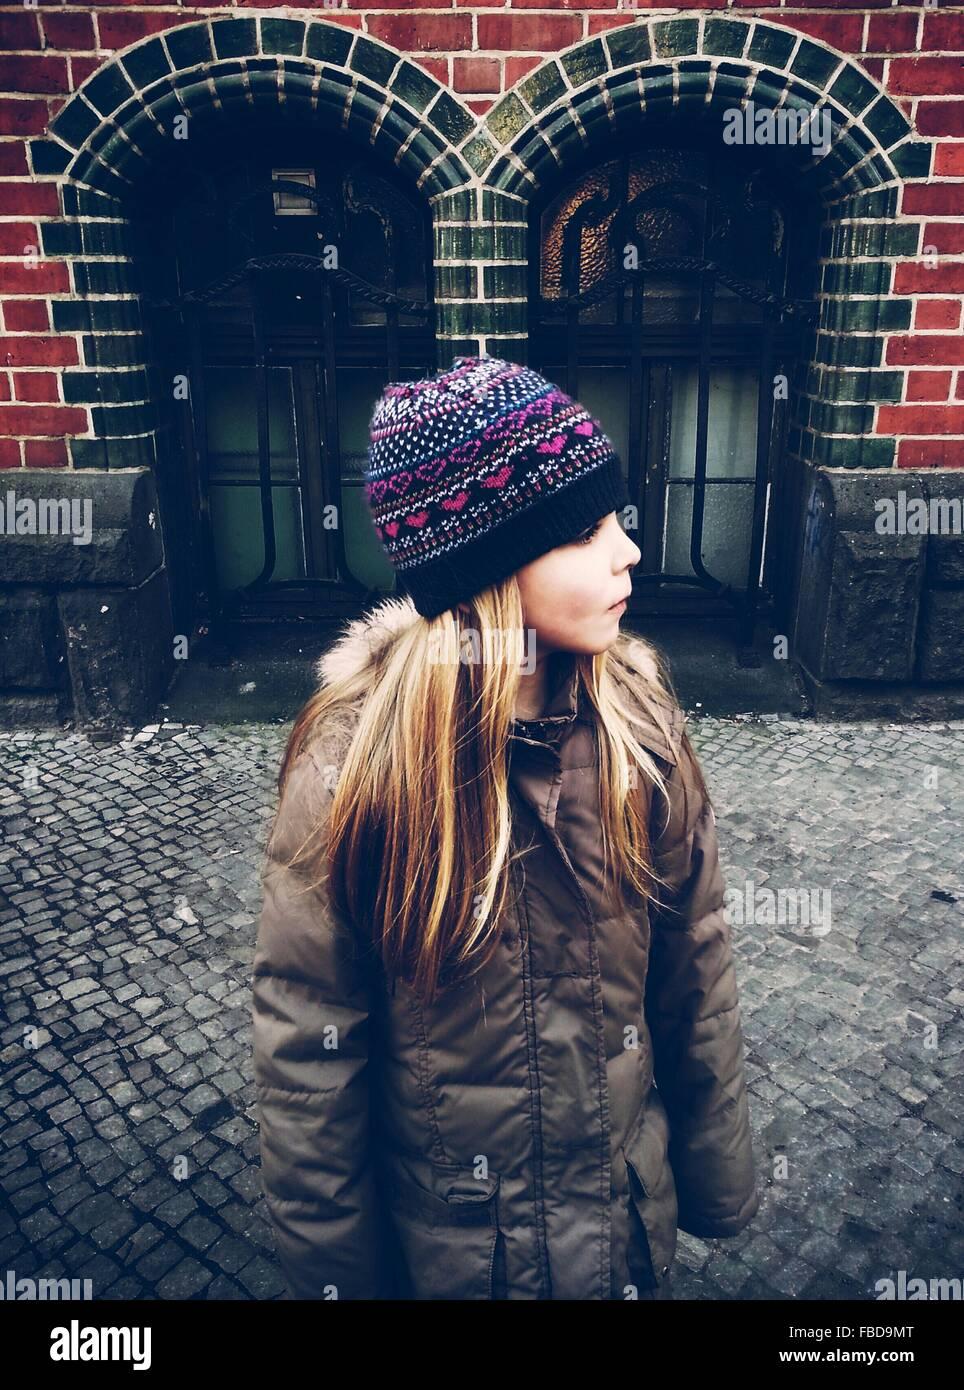 Mädchen In warme Jacke stehend auf Bürgersteig Stockbild